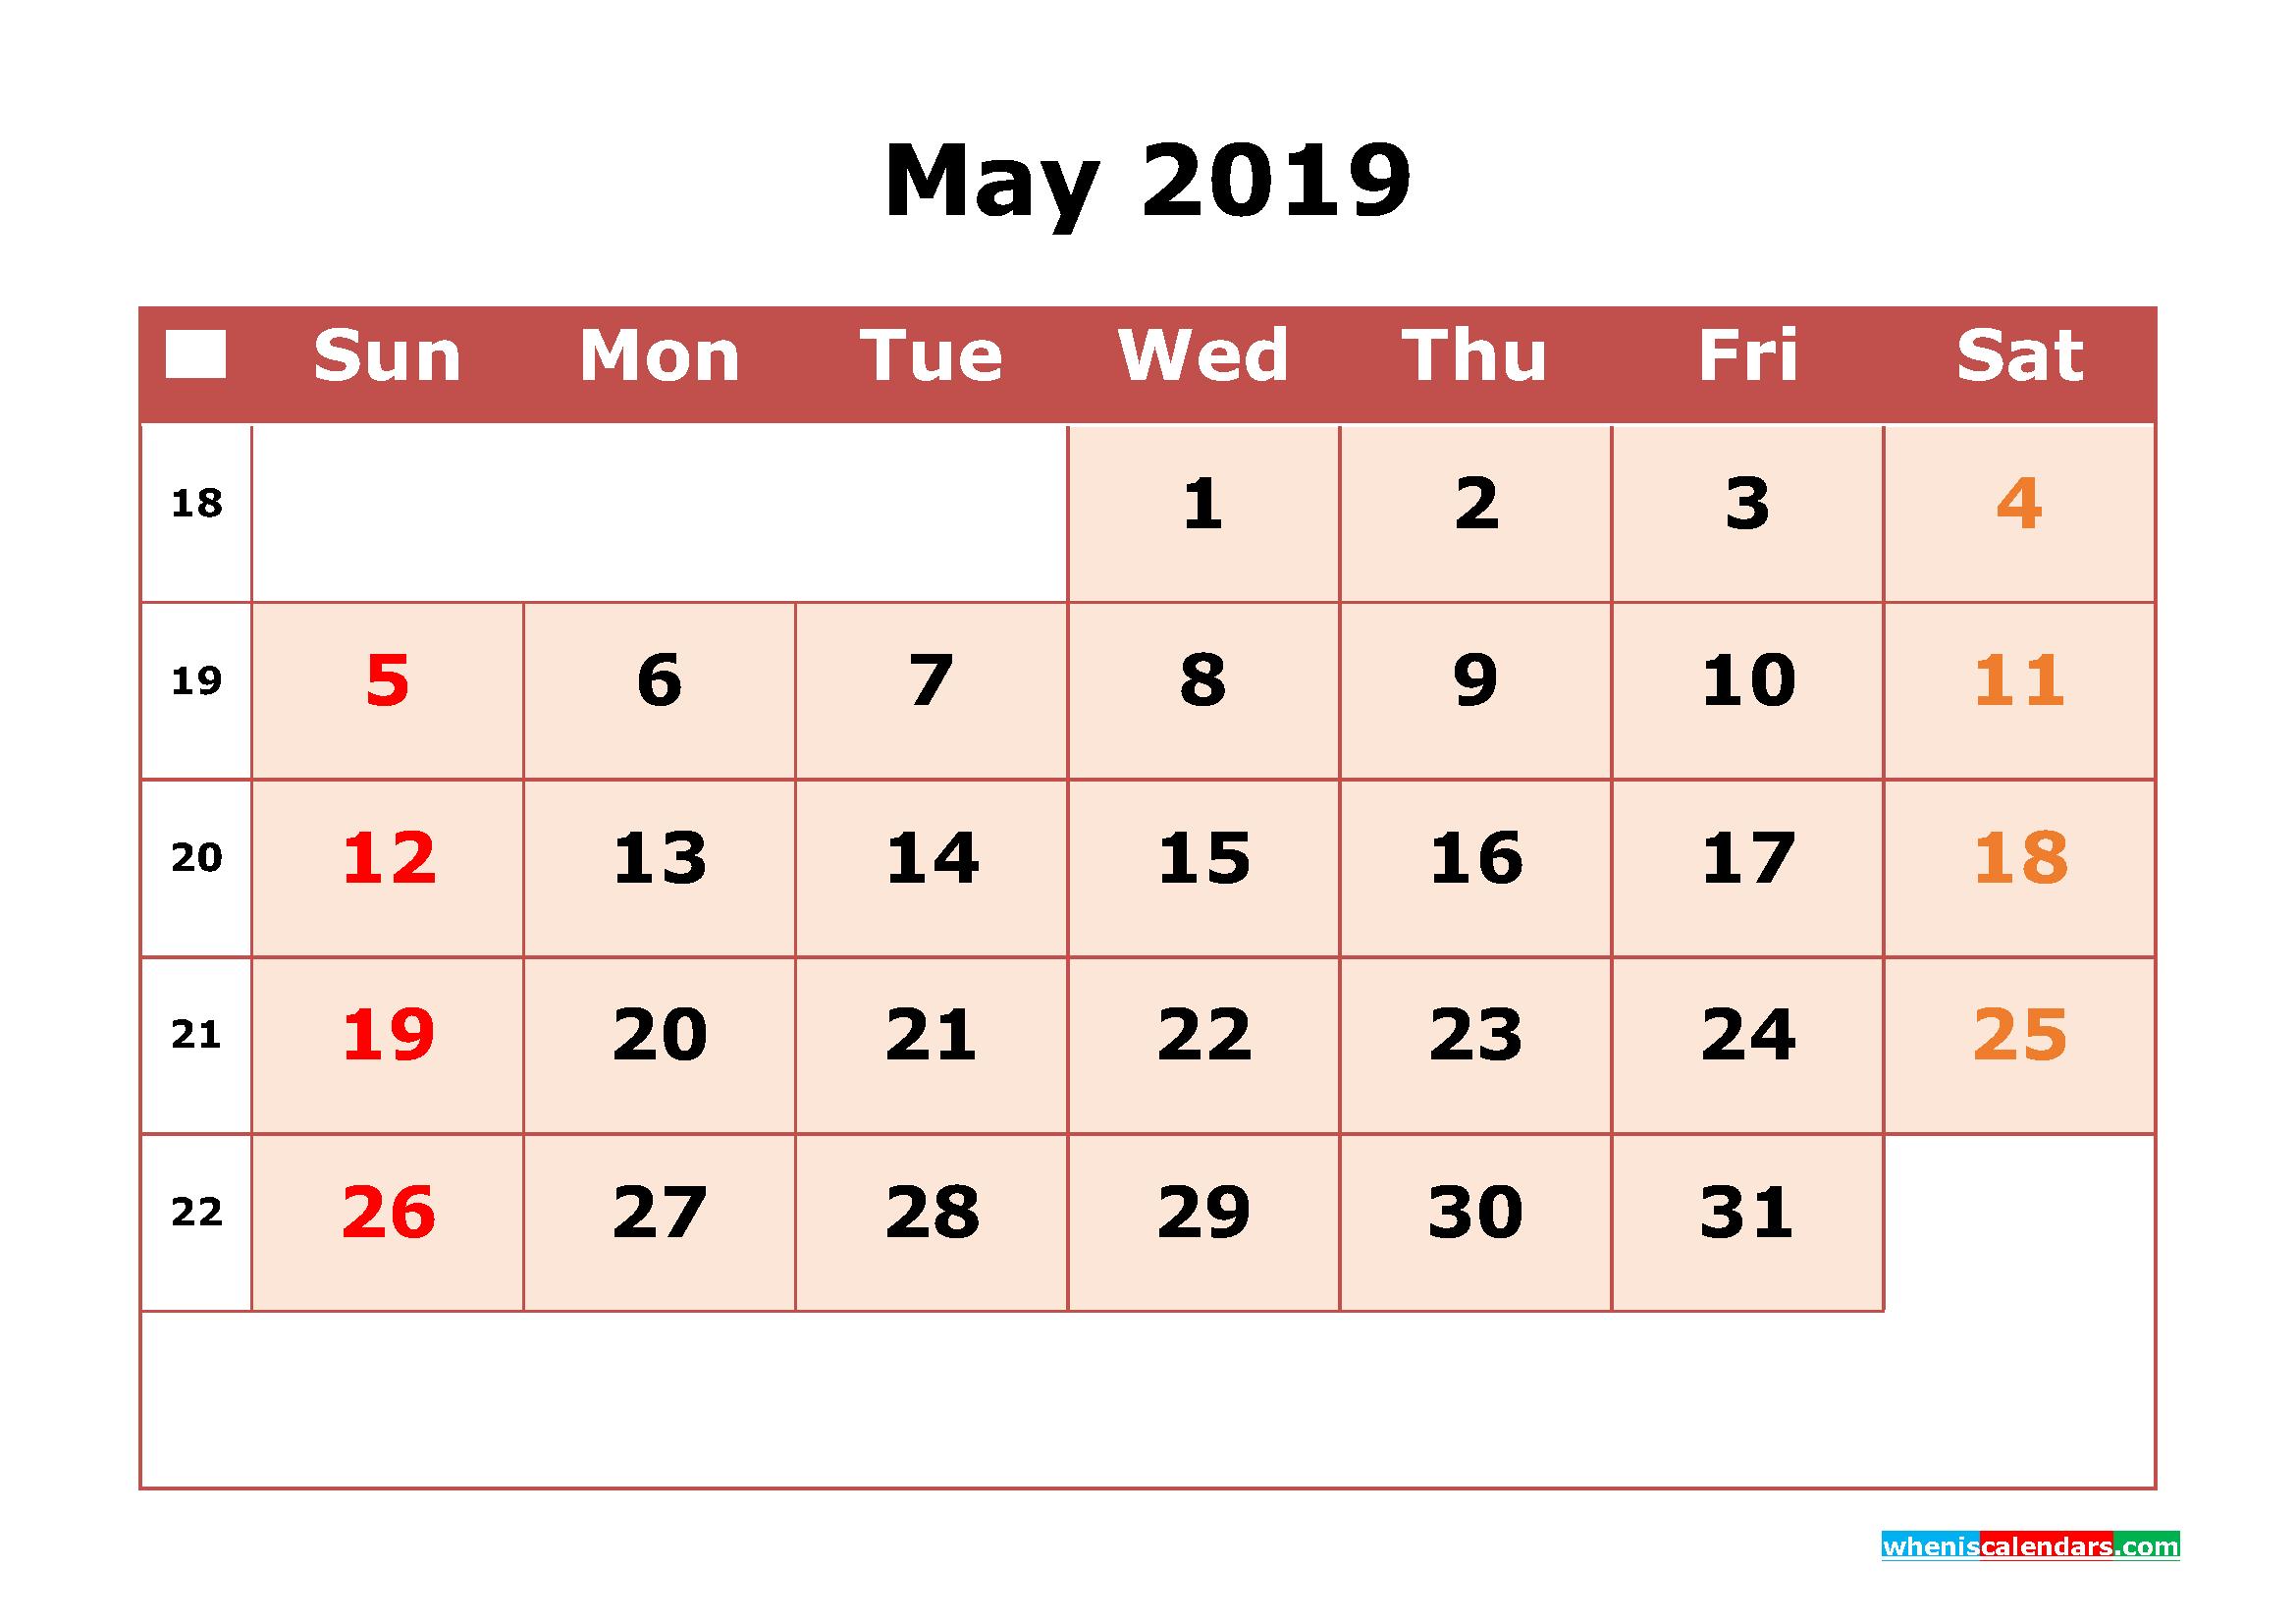 Get Free May 2019 Printable Calendar with Week Numbers as PDF, Image